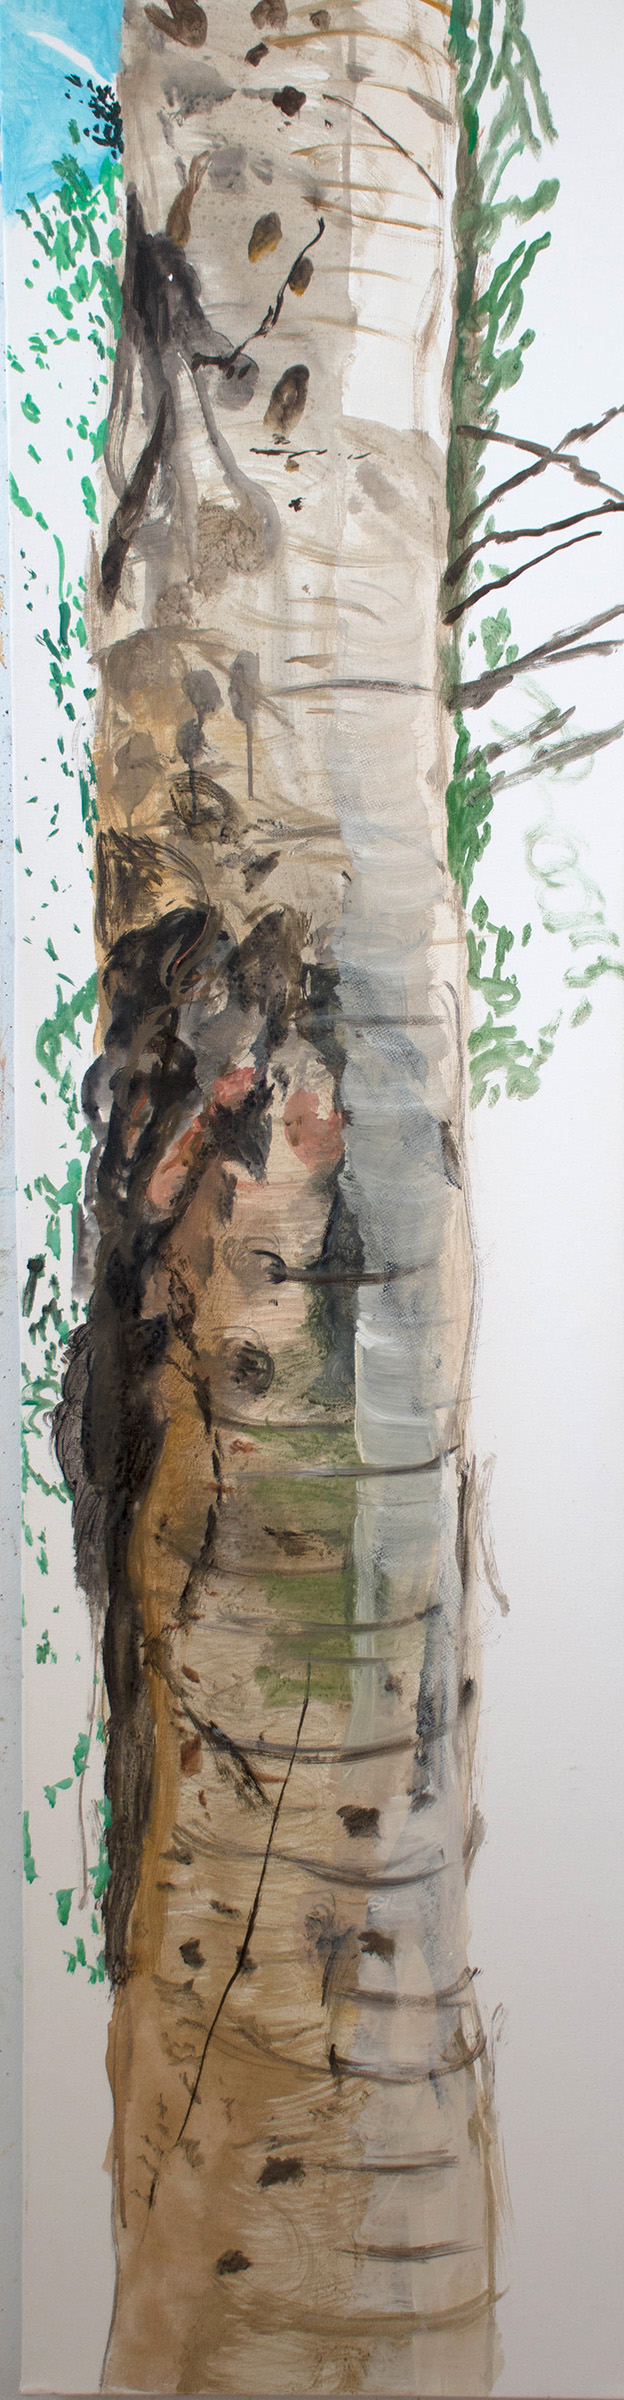 SITE-10-28-17 Tree 2 stage 4.jpg